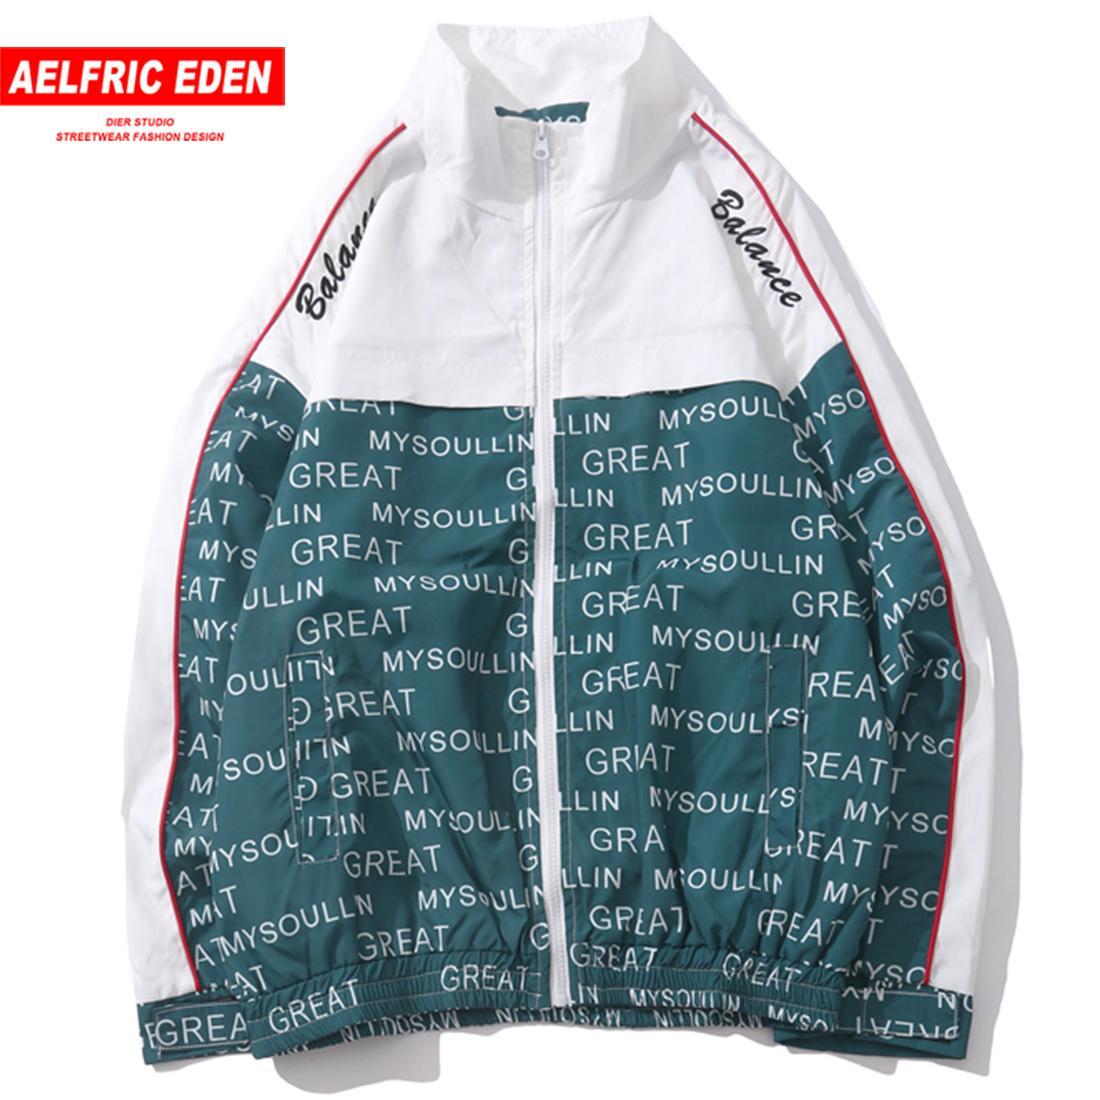 cef3ee3b4dea0 Compre Aelfric Eden Harajuku Outwear Streetwear Urbano Hombres Hip ...